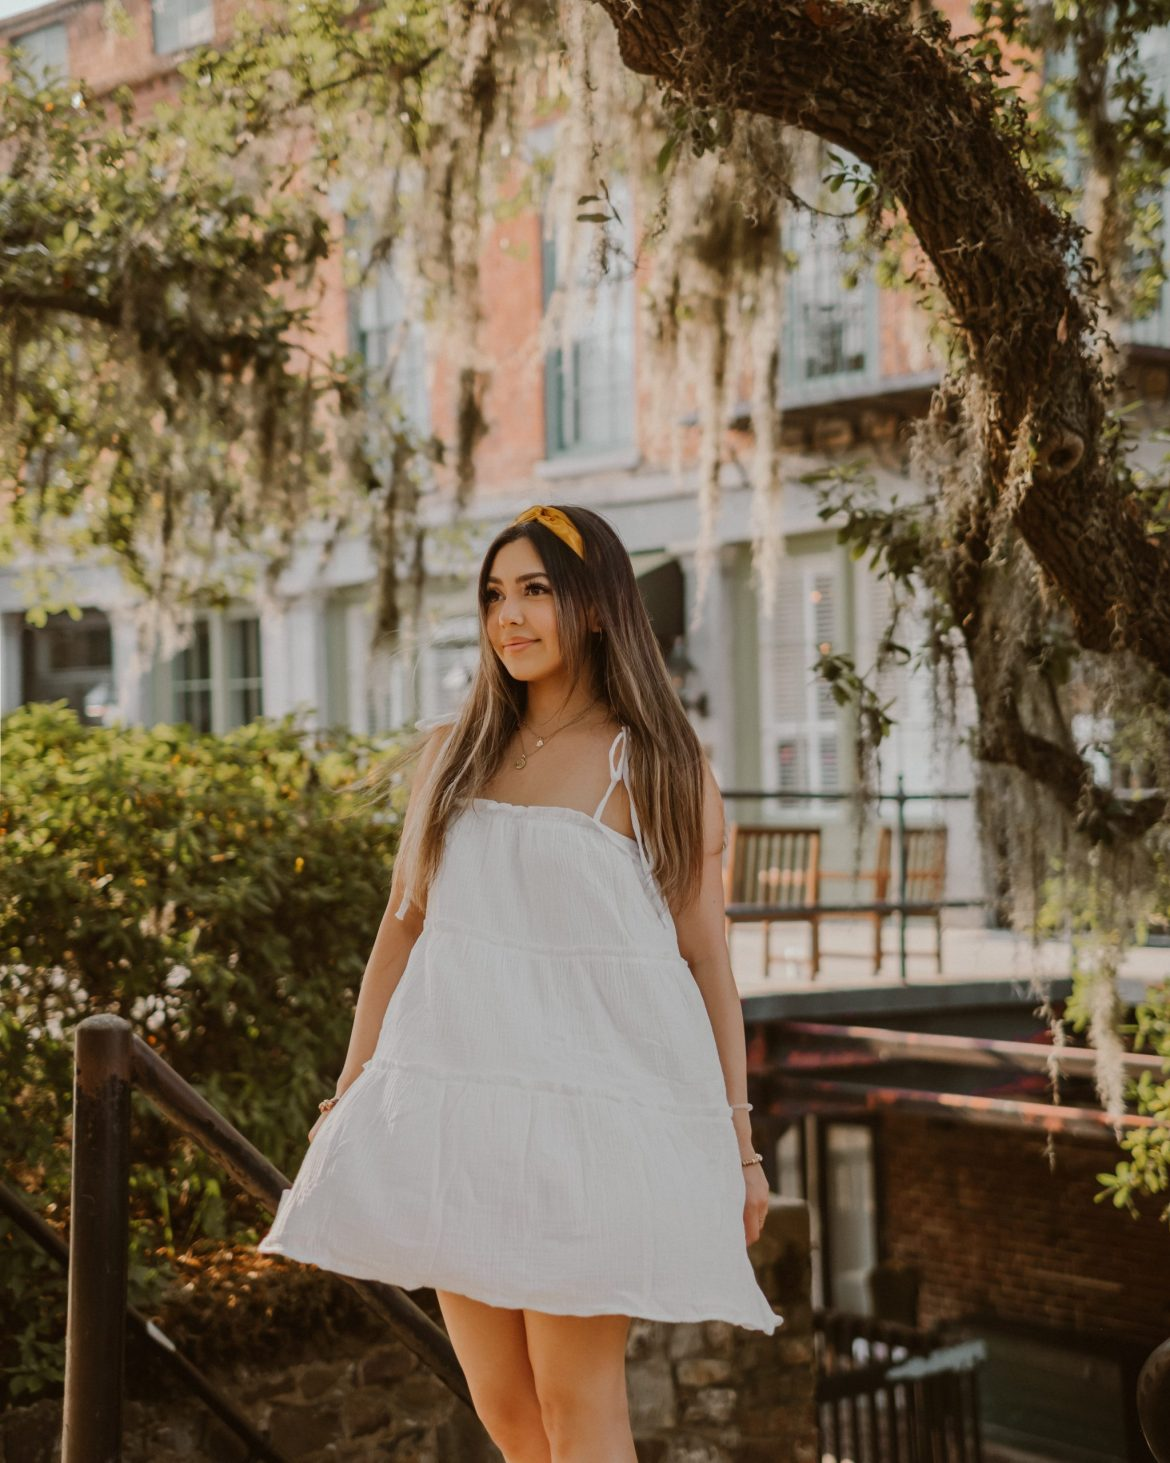 simple white summer dress   outfit ideas for Savannah, Georgia